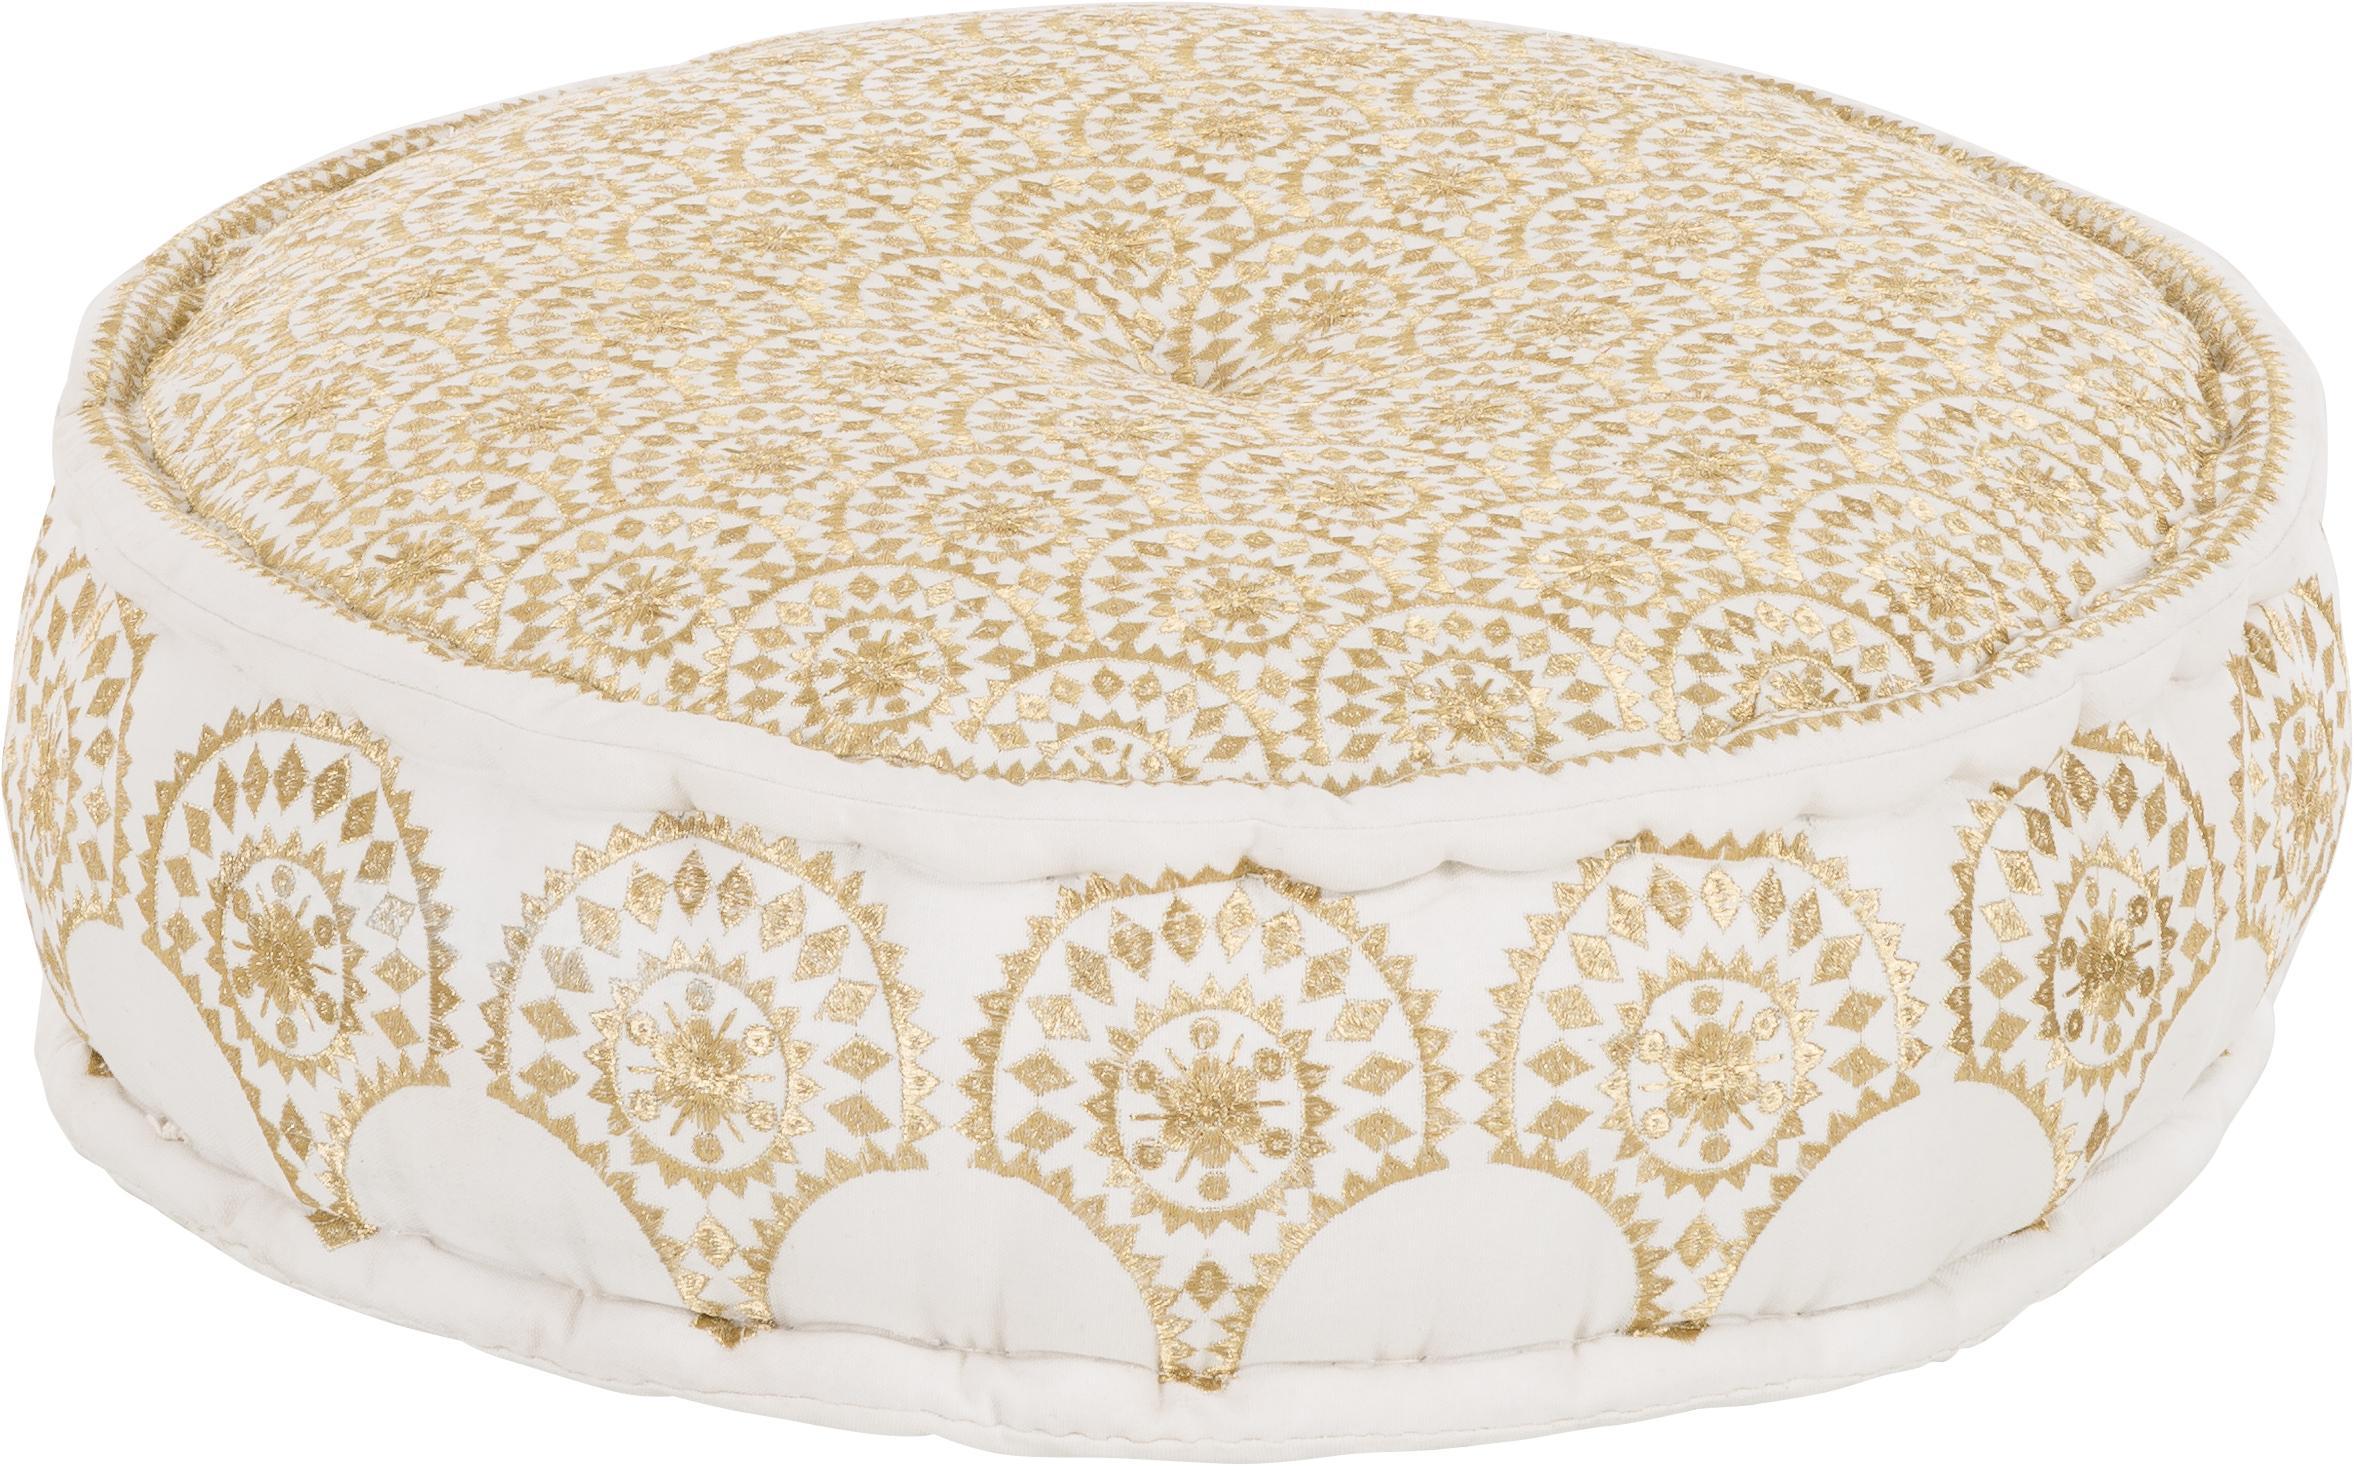 Okrągła haftowana poduszka podłogowa Casablanca, Tapicerka: solidne bawełniane płótno, Biały, odcienie złotego, Ø 60 x W 25 cm